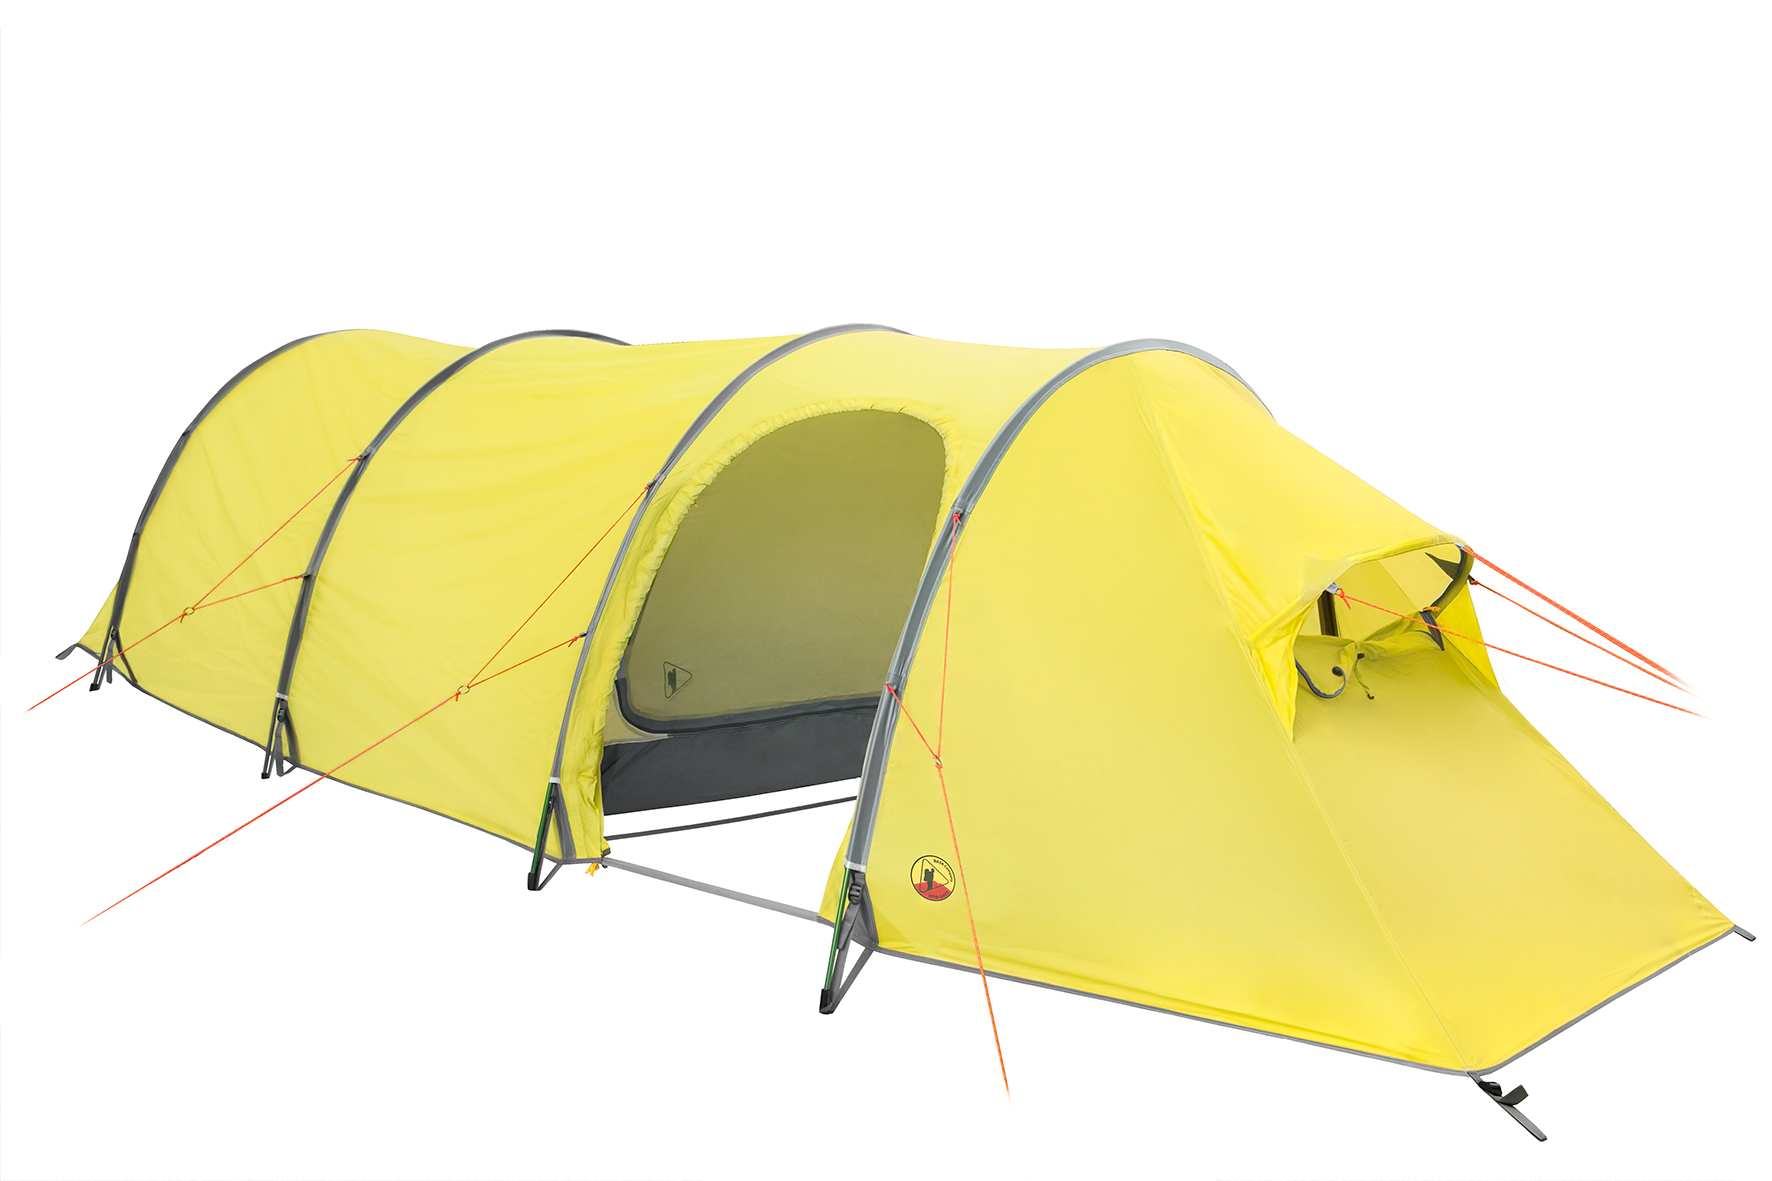 Палатка BASK VOSTOK 3 1459Палатки<br><br><br>Вентиляционные окна: 2<br>Вес (в минимальной комплектации): 4.65<br>Вес (в полной комплектации): 4.9<br>Ветрозащитные юбки: Нет<br>Внутренние карманы и петельки для мелочей: Да<br>Водостойкость дна: 6000<br>Водостойкость тента: 4000<br>Диаметр стоек каркаса: 9.5<br>Количество входов: 2<br>Количество мест: 3<br>Количество оттяжек: 4<br>Количество стоек каркаса: 4<br>Материал внешнего тента: 40D Nylon RipStop 240T SI/PU 4 000 мм, W/R<br>Материал внутренней палатки: 40D Nylon Ripstop 240T BR, W/R<br>Материал дна: 70D Nylon Taffeta 210T PU 6000 мм, W/R<br>Материал каркаса: Алюминиевый сплав 7001 T6<br>Назначение: Экспедиционная<br>Обработка ткани палатки: Водоотталкивающая пропитка (W/R), дышащая<br>Обработка ткани тента: PU (внутренняя поверхность покрыта полиуретаном)<br>Подвесная полка: Да<br>Проклейка швов: Да<br>Противо москитная сетка: Да<br>Размер в упакованом виде: 25x60<br>Способ установки: Тент и внутренняя палатка устанавливаются одновременно<br>Тип входа: На молнии<br>Цвет: ЗЕЛЕНЫЙ